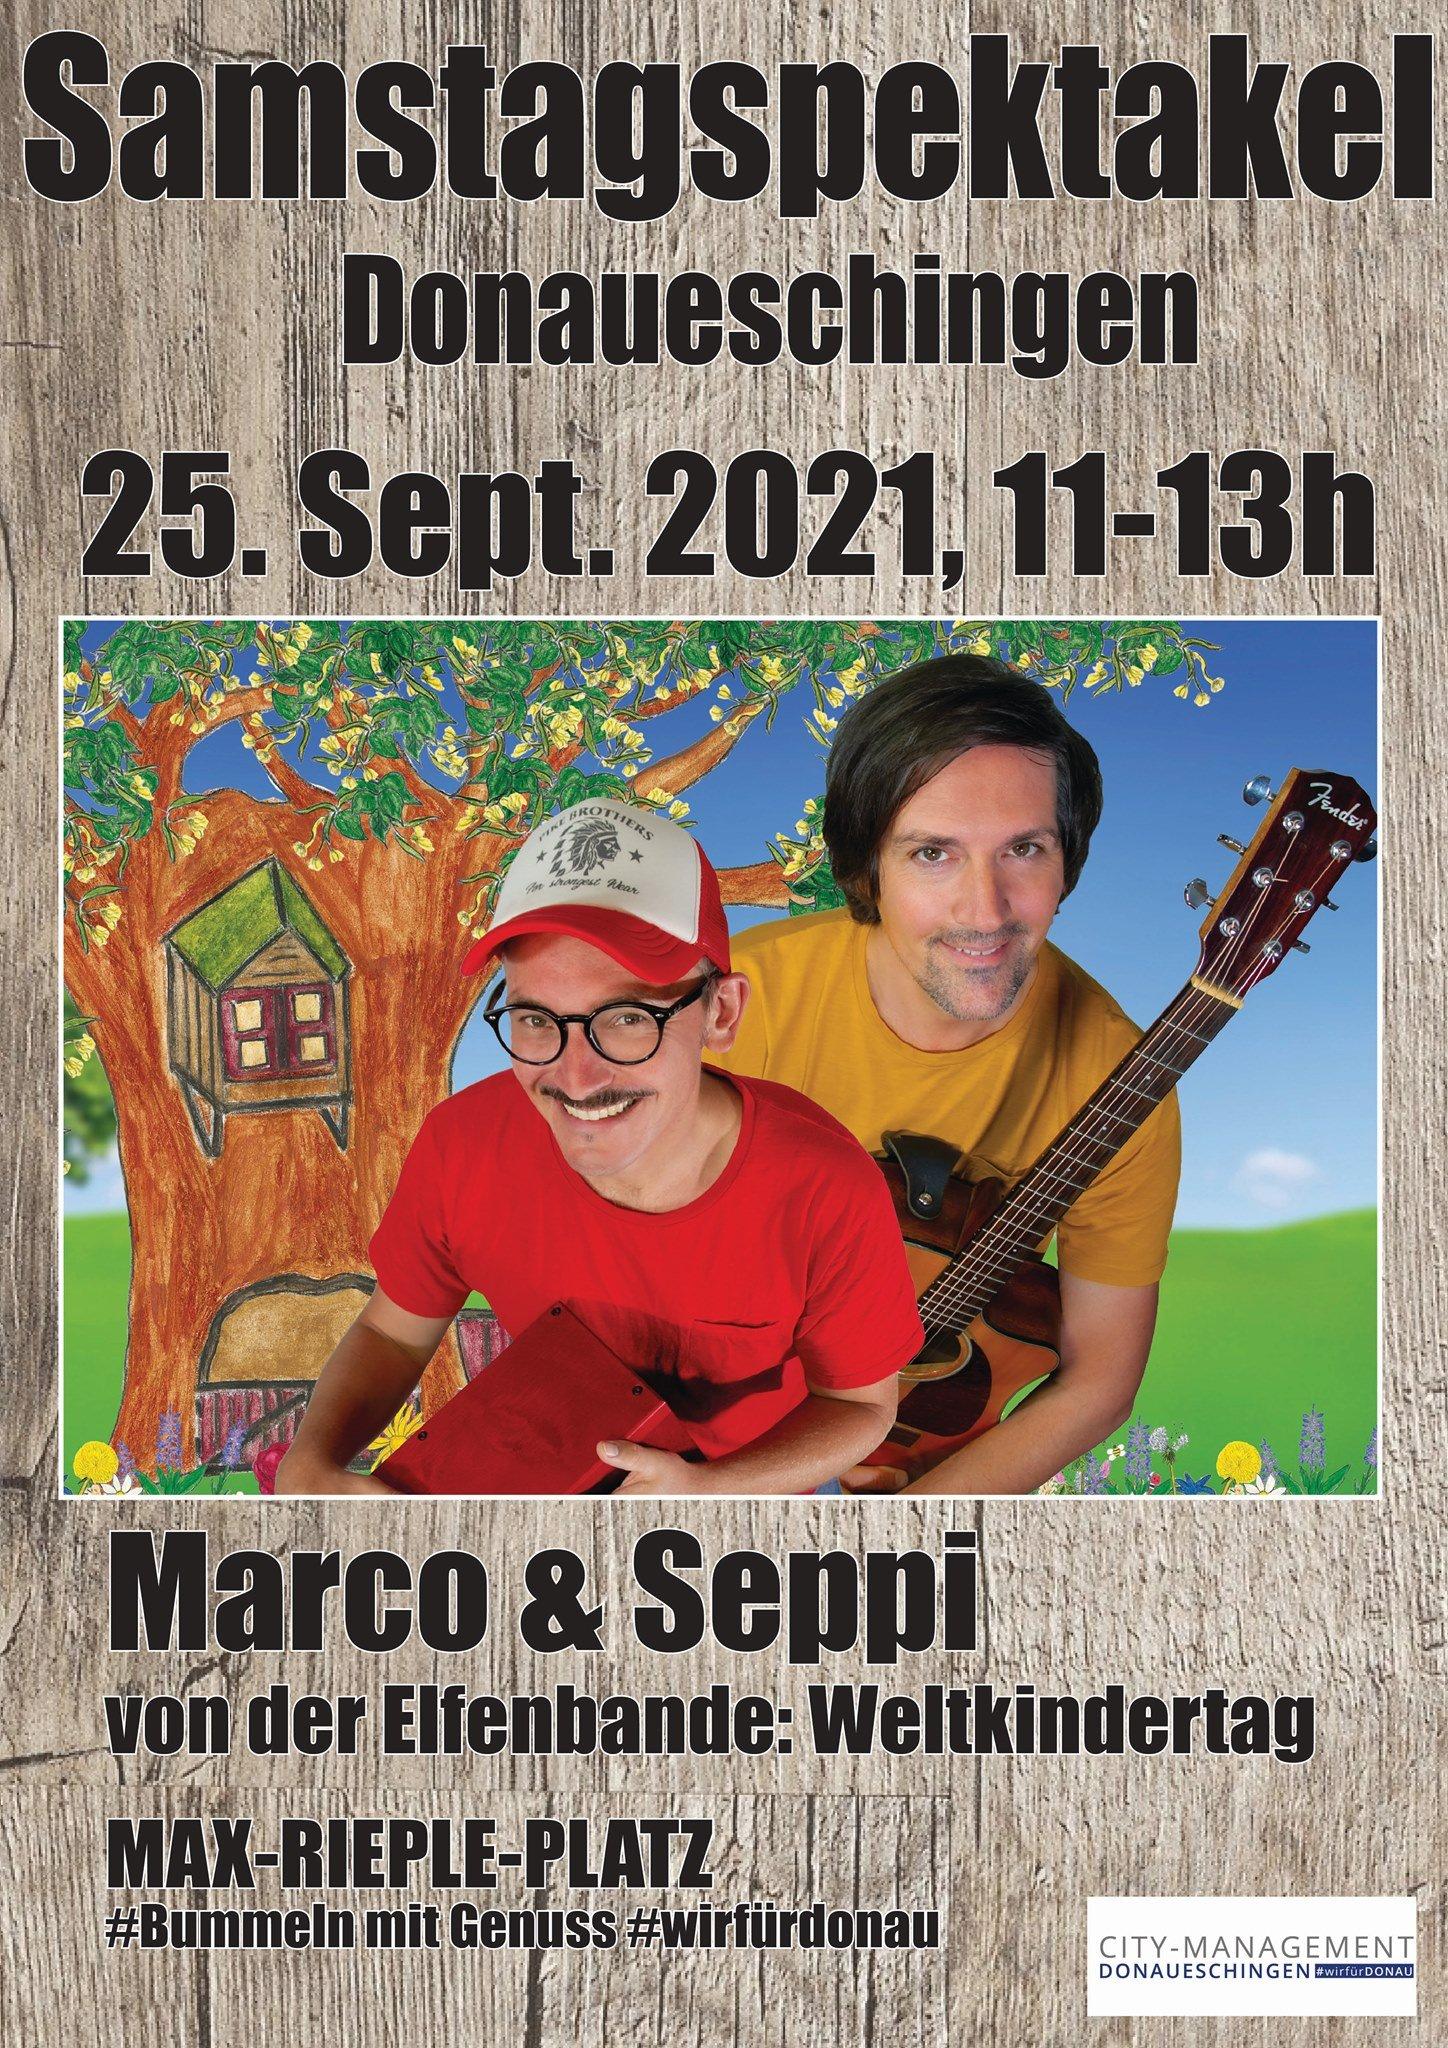 Weltkindertag in Donaueschingen